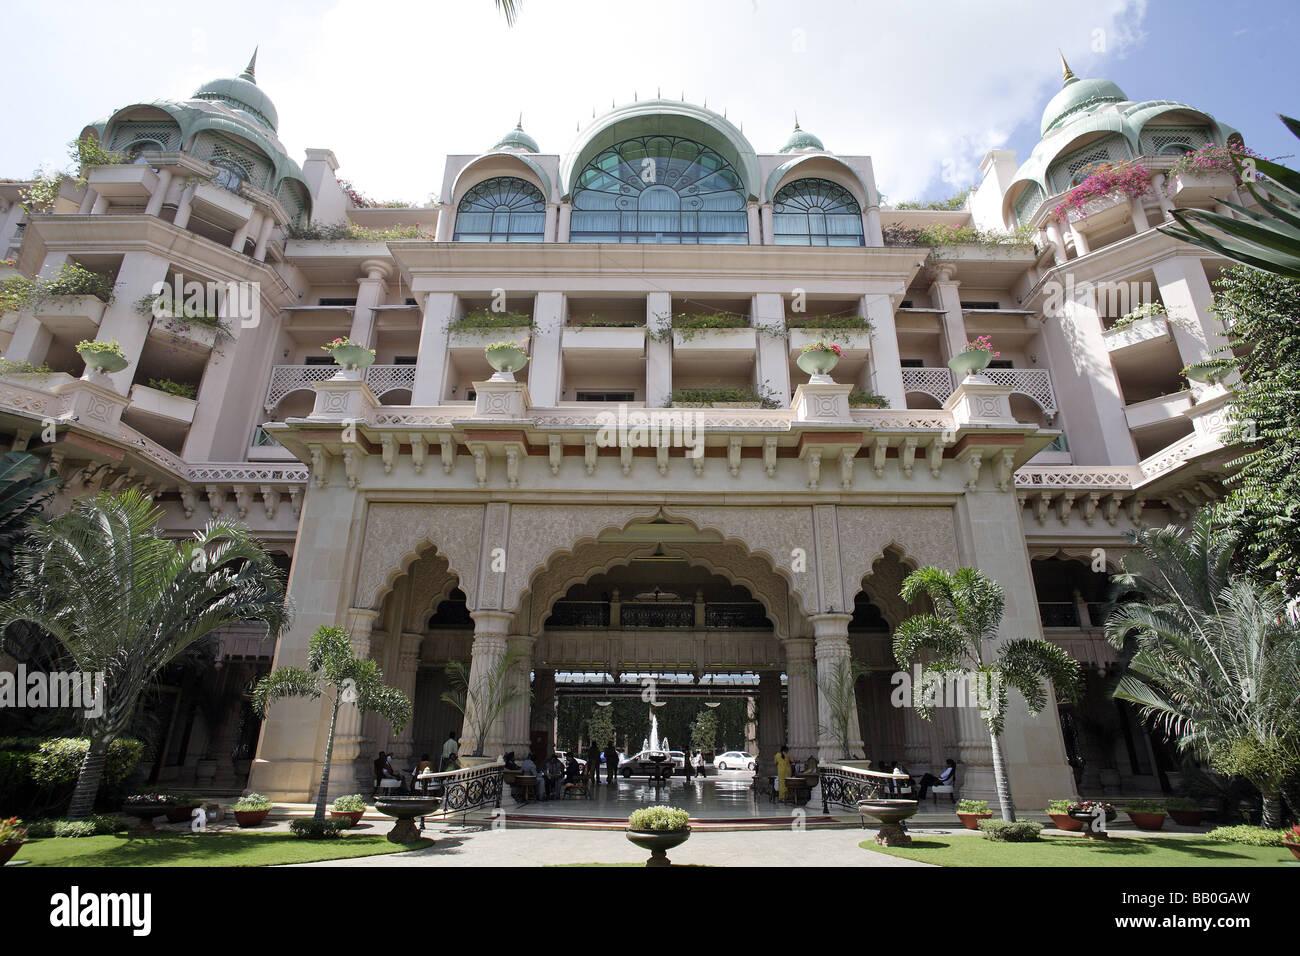 Hotel Leela Palace Kempinski Bangalore Indien Stockbild